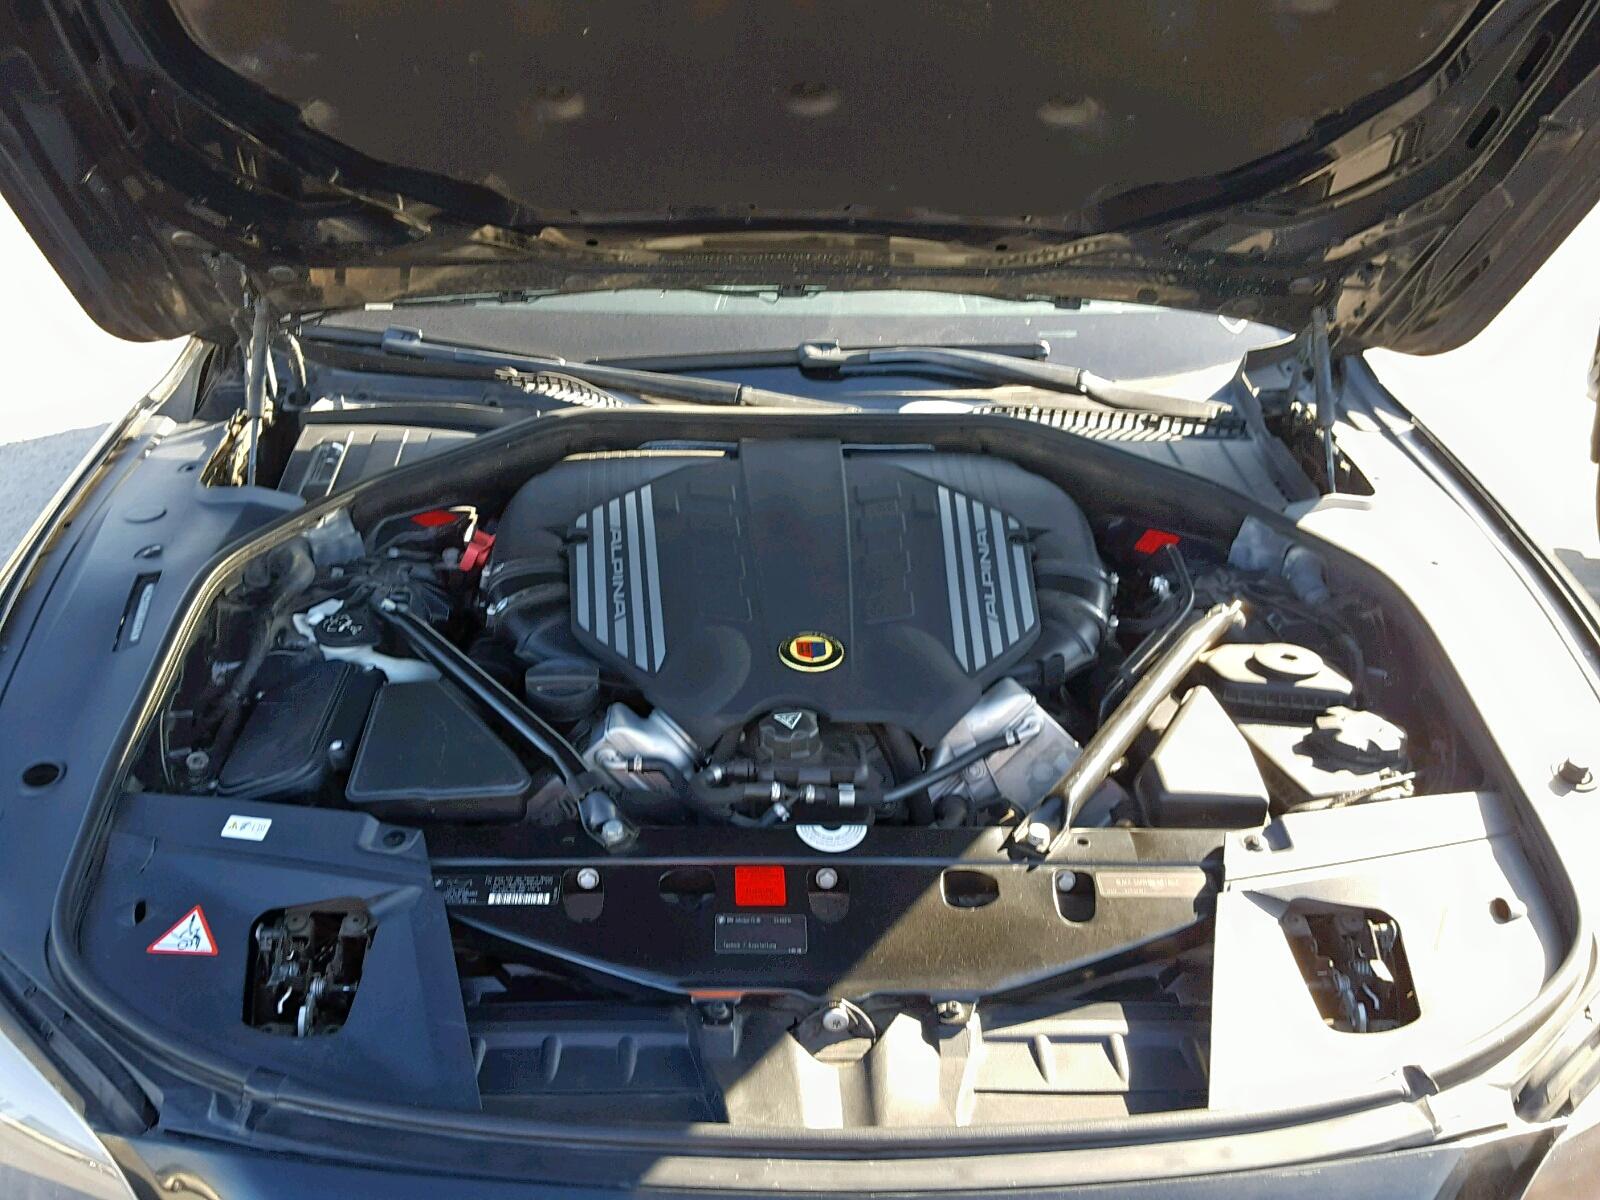 2011 Bmw Alpina B7 4.4L inside view